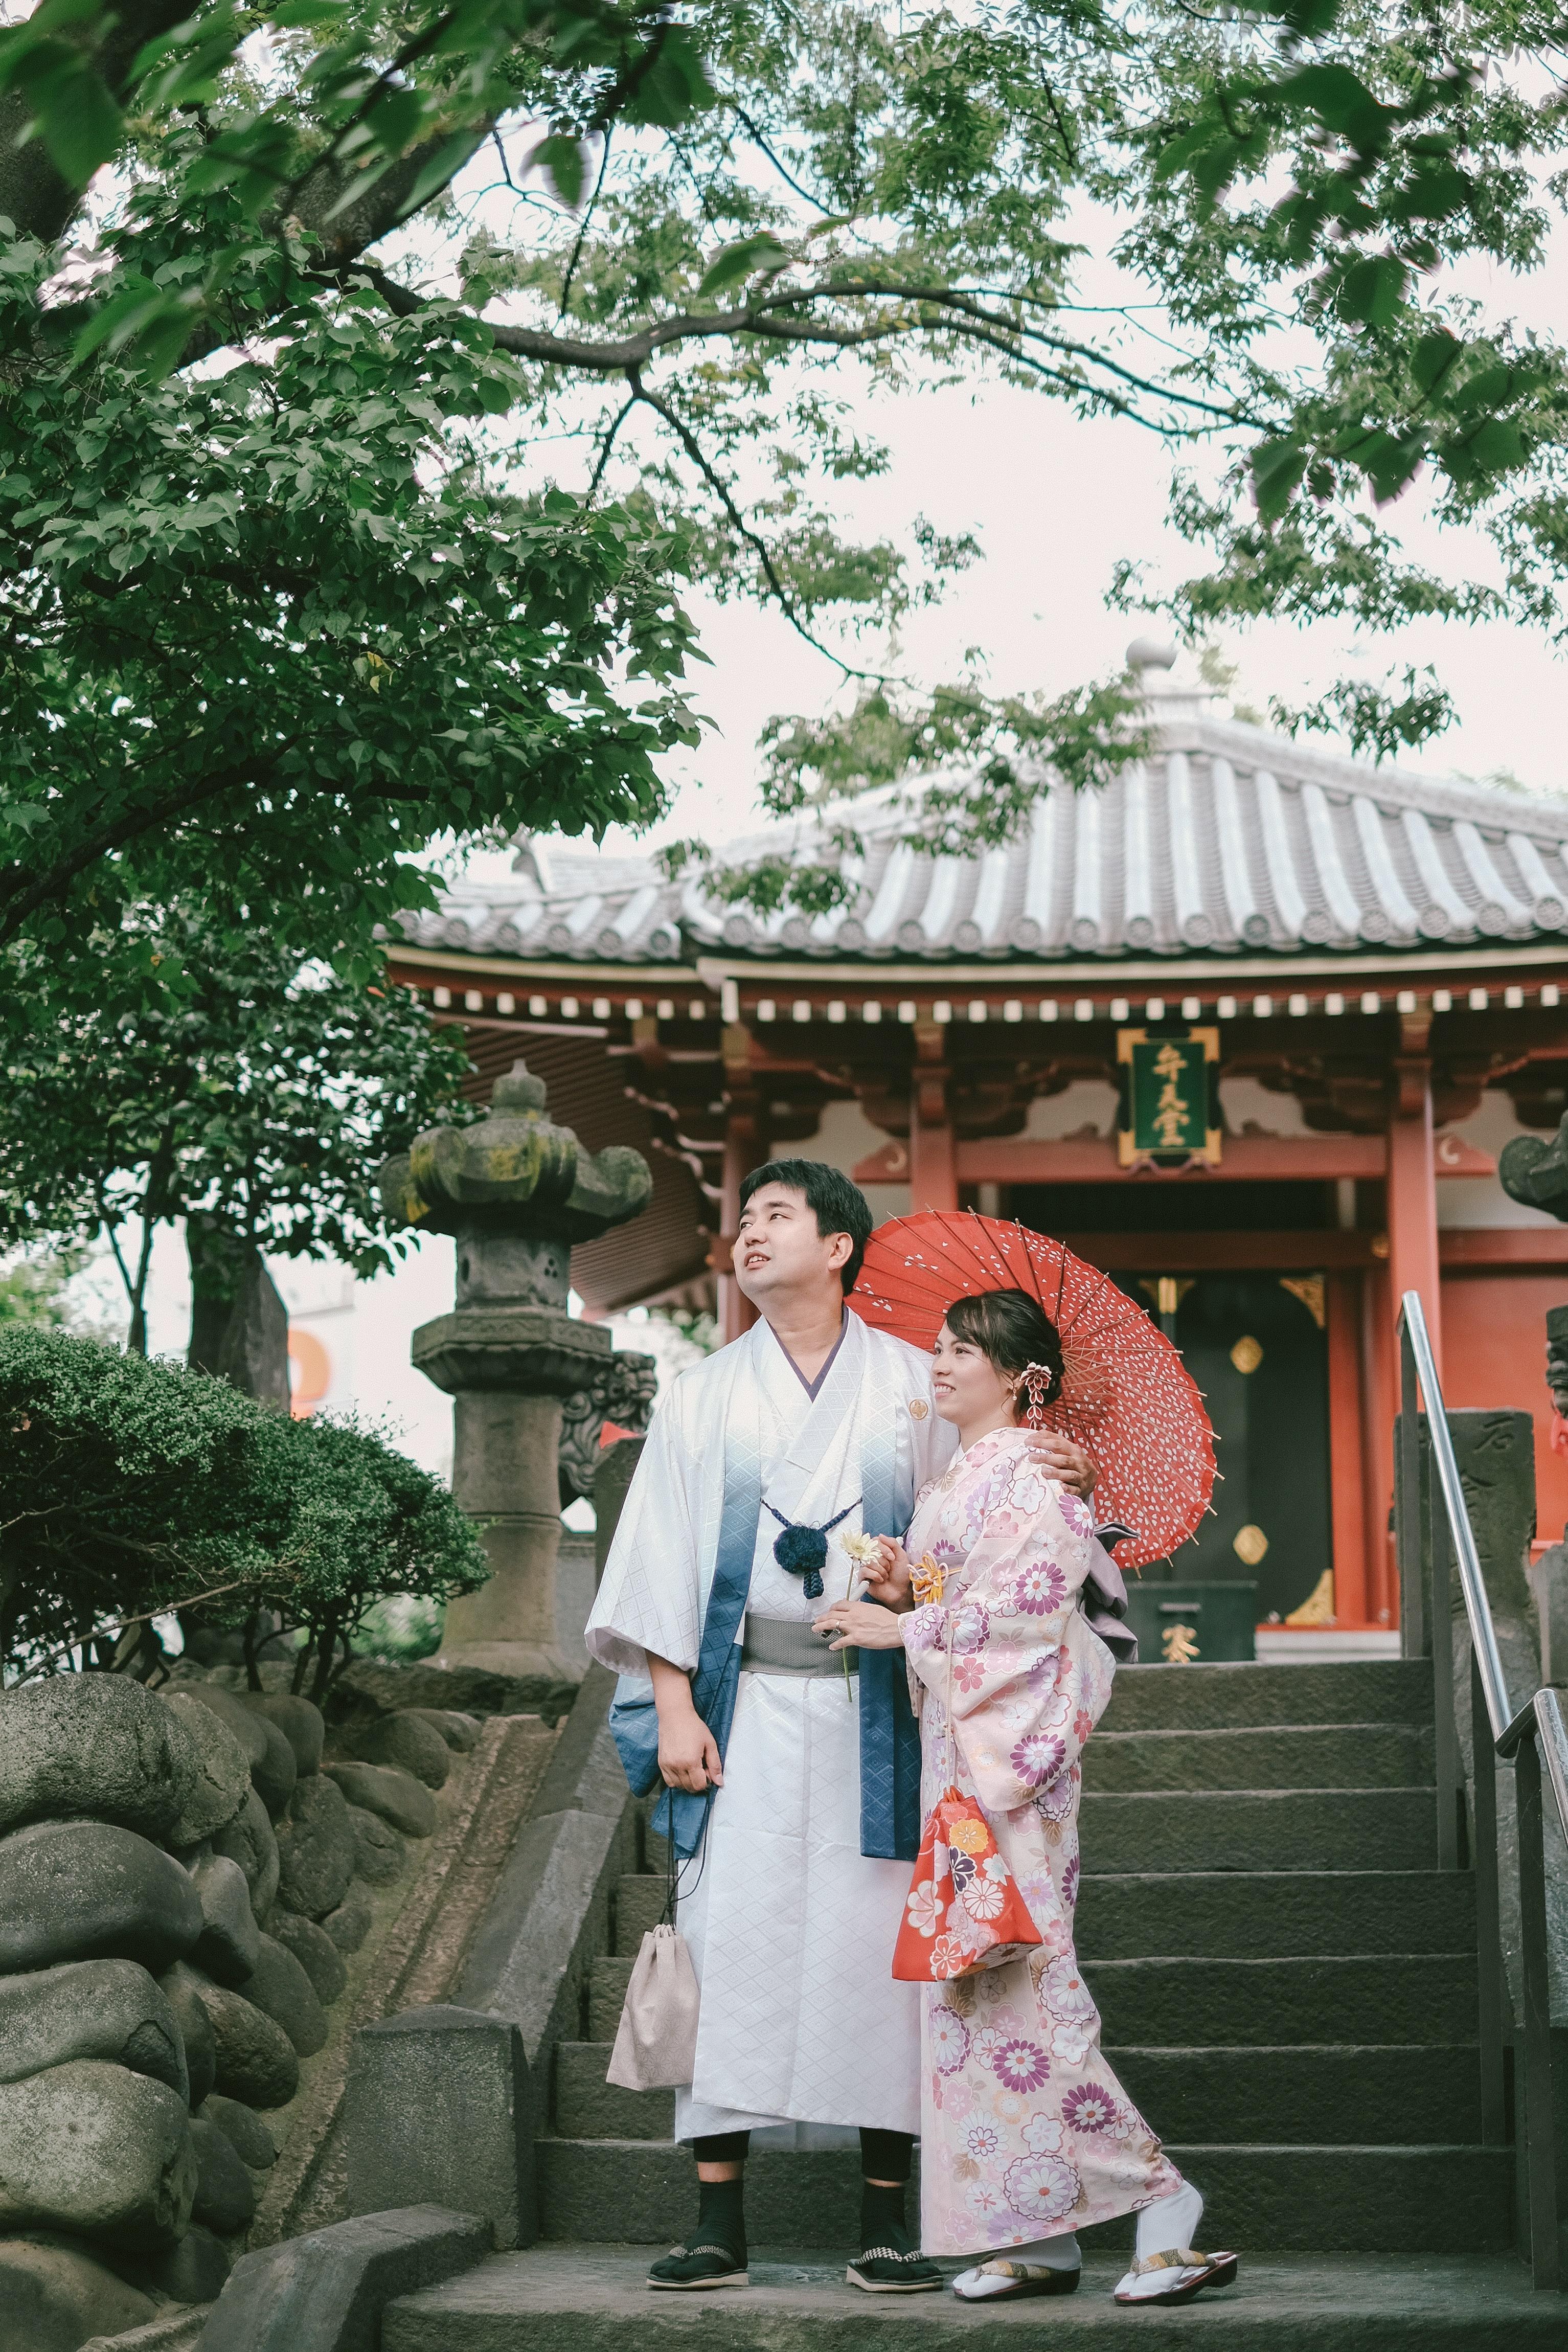 """Cả hai đã hoàn thành bộ ảnh trong khoảng 1 tiếng đồng hồ. Năm 2019, nghỉ mát khu vực phía Đông Nhật Bản sẽ diễn ra trong hai đợt. Đợt 1, từ ngày 21-22/9, trong khi đợt 2 từ 28-29/9 tại Resort Mikazuki (Nikko). Với chủ đề """" FSoft 20 năm thanh xuân"""", BTC sẽ tổ chức """"Đám cưới tập thể"""" từ 19 cặp đôi được lựa chọn từ danh sách đăng ký. Đối tượng tham gia là CBNV FPT Japan (có vợ hoặc chồng là nhân viên công ty), theo tiêu chí sắp cưới, vừa cưới và đã cưới, có chứng nhận đăng ký kết hôn."""